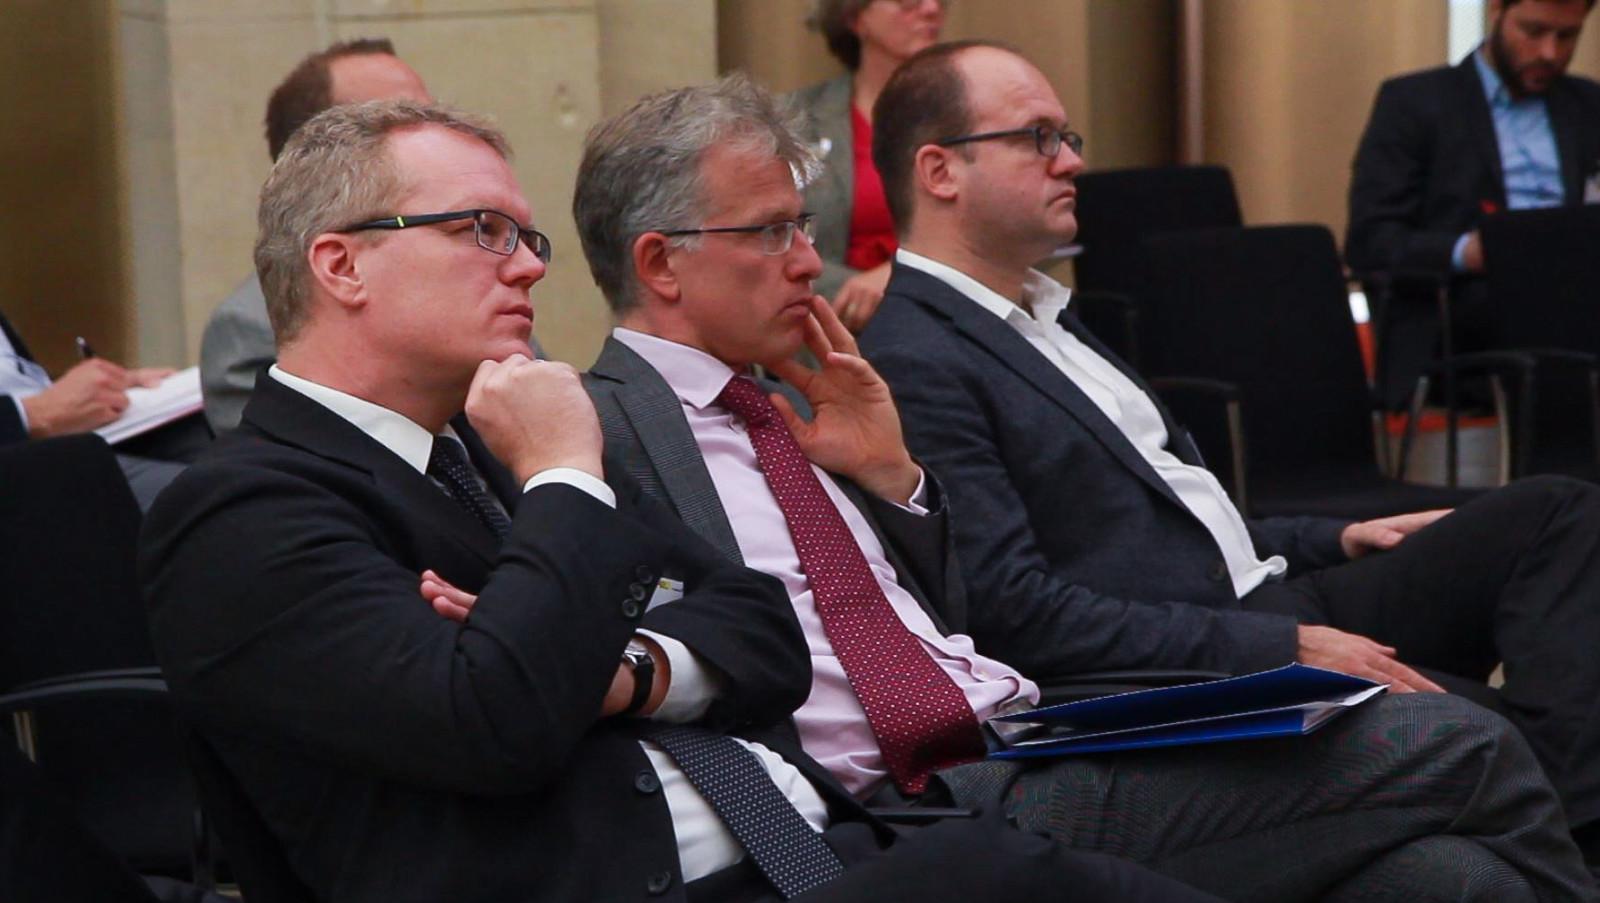 Klimasorgenkind Verkehr - Dirk Flege (Allianz pro Schiene), Carel Mohn (Klimafakten), Matthias Knobloch (ACE).